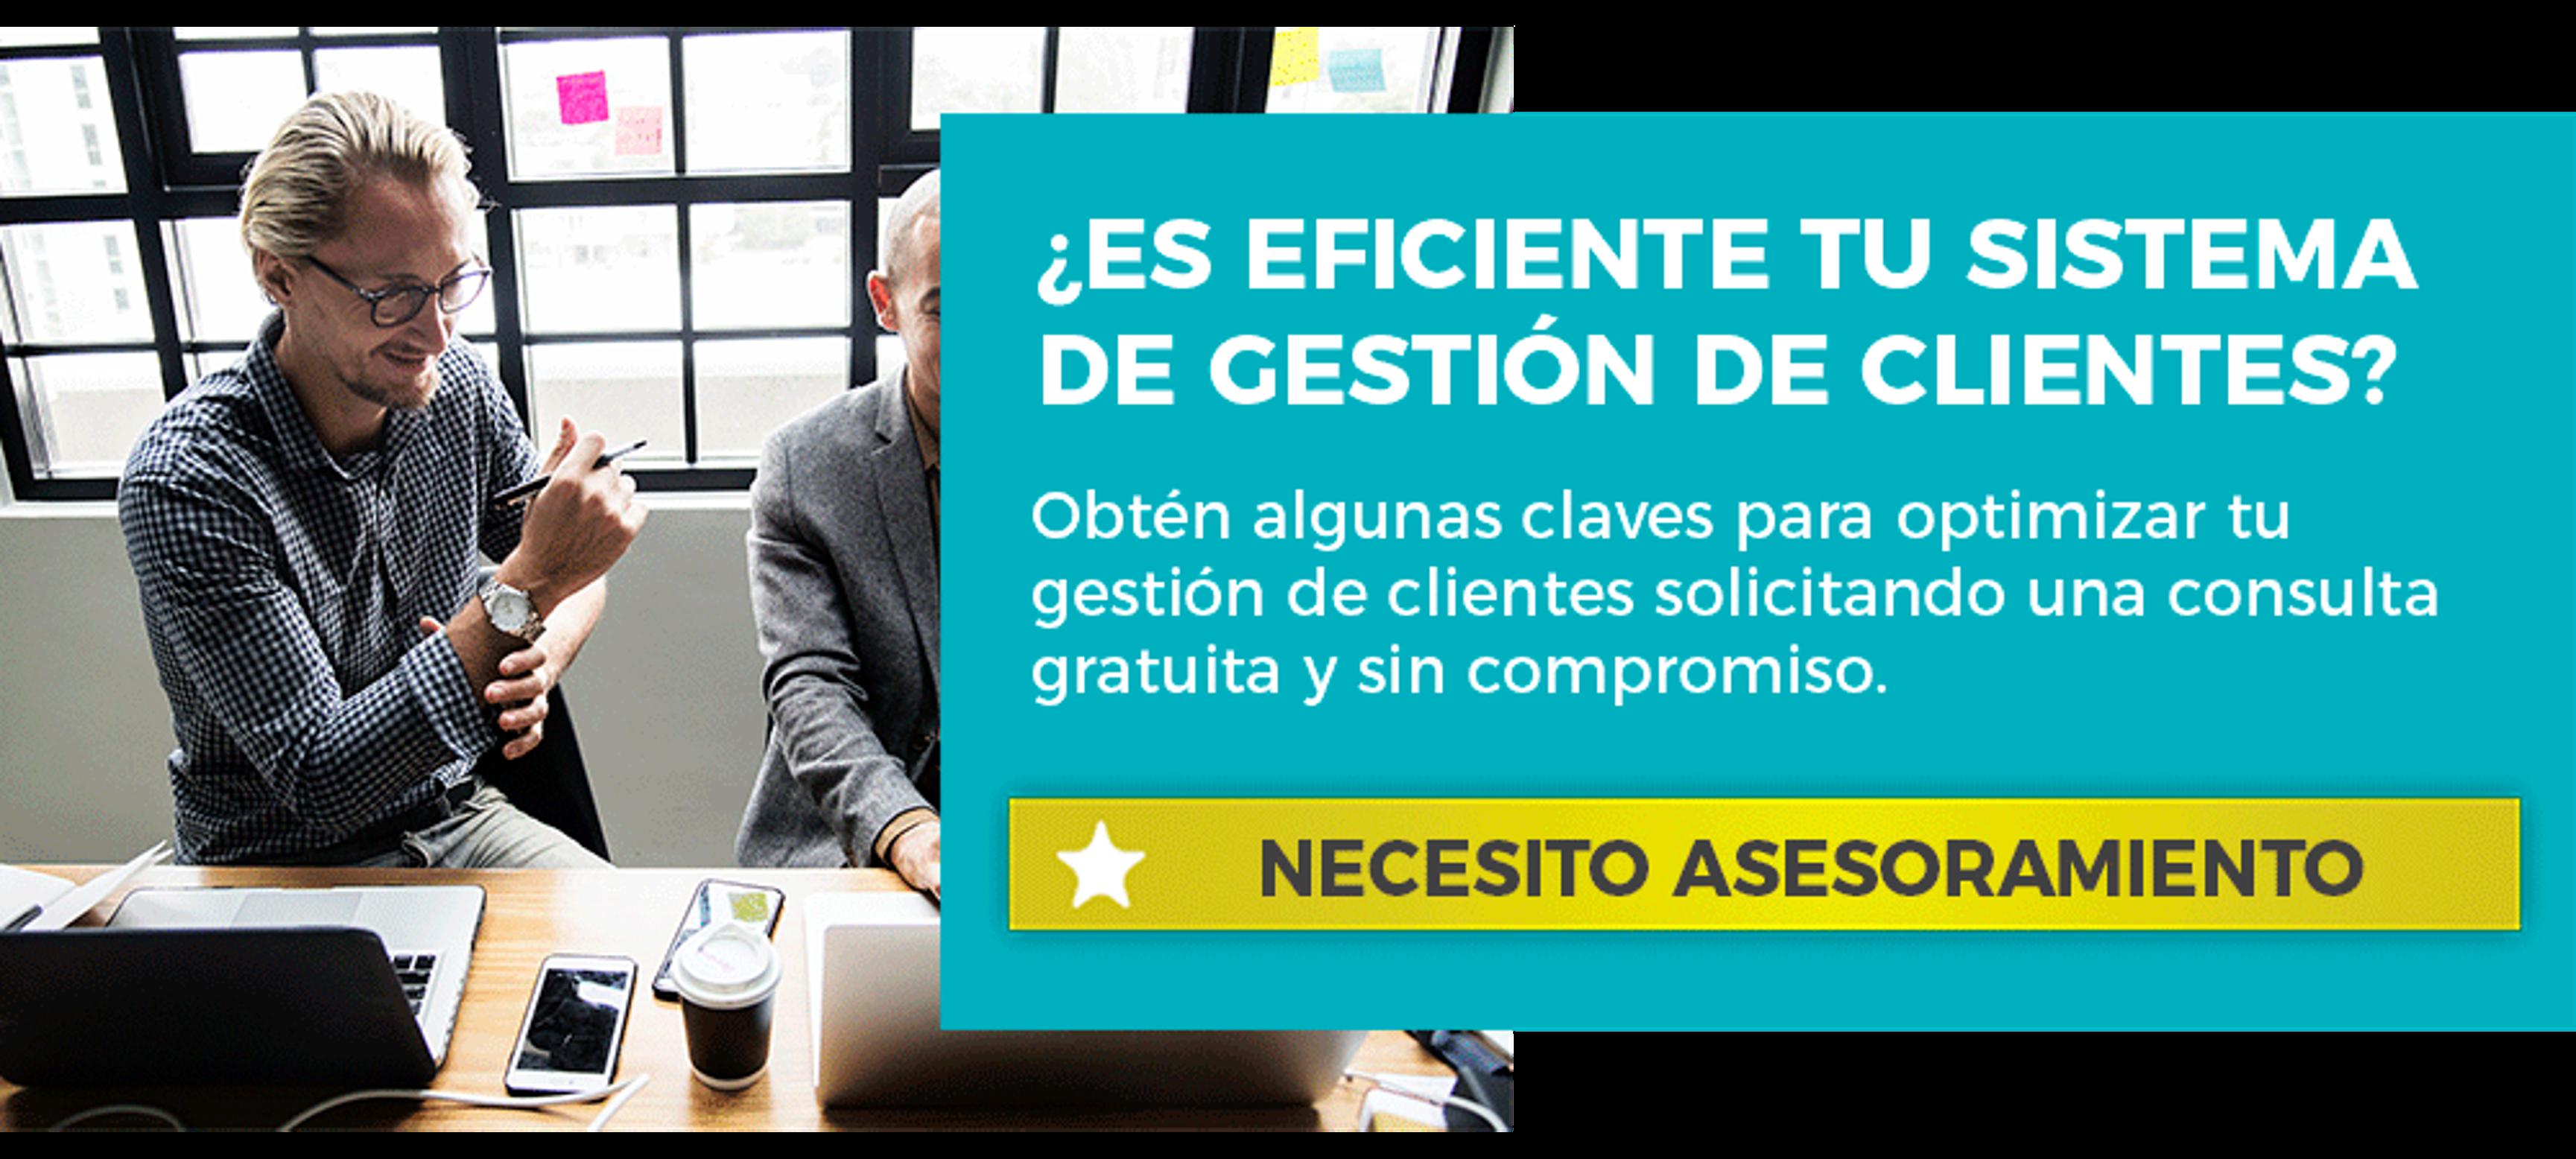 solicitar_asesoria_gestion_relacion_clientes_crm